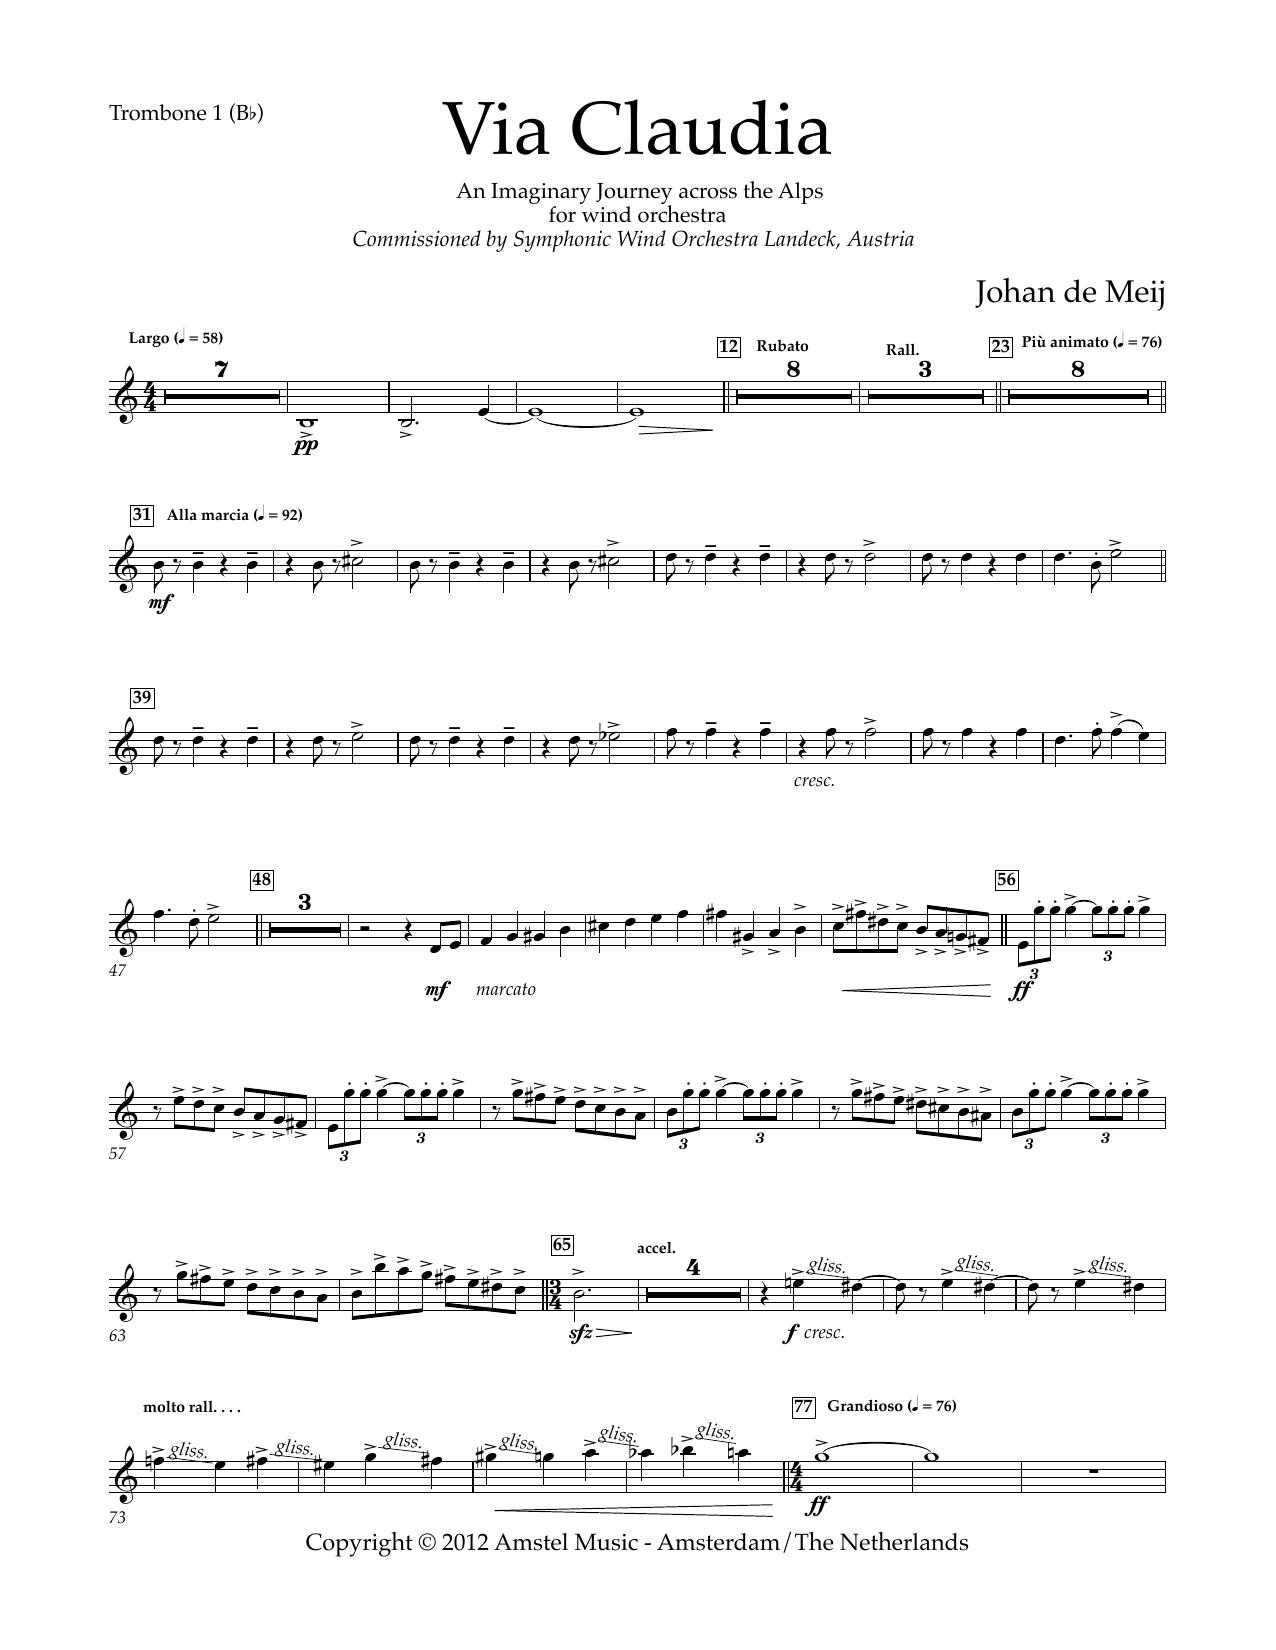 Via Claudia - Bb Trombone 1 T.C.